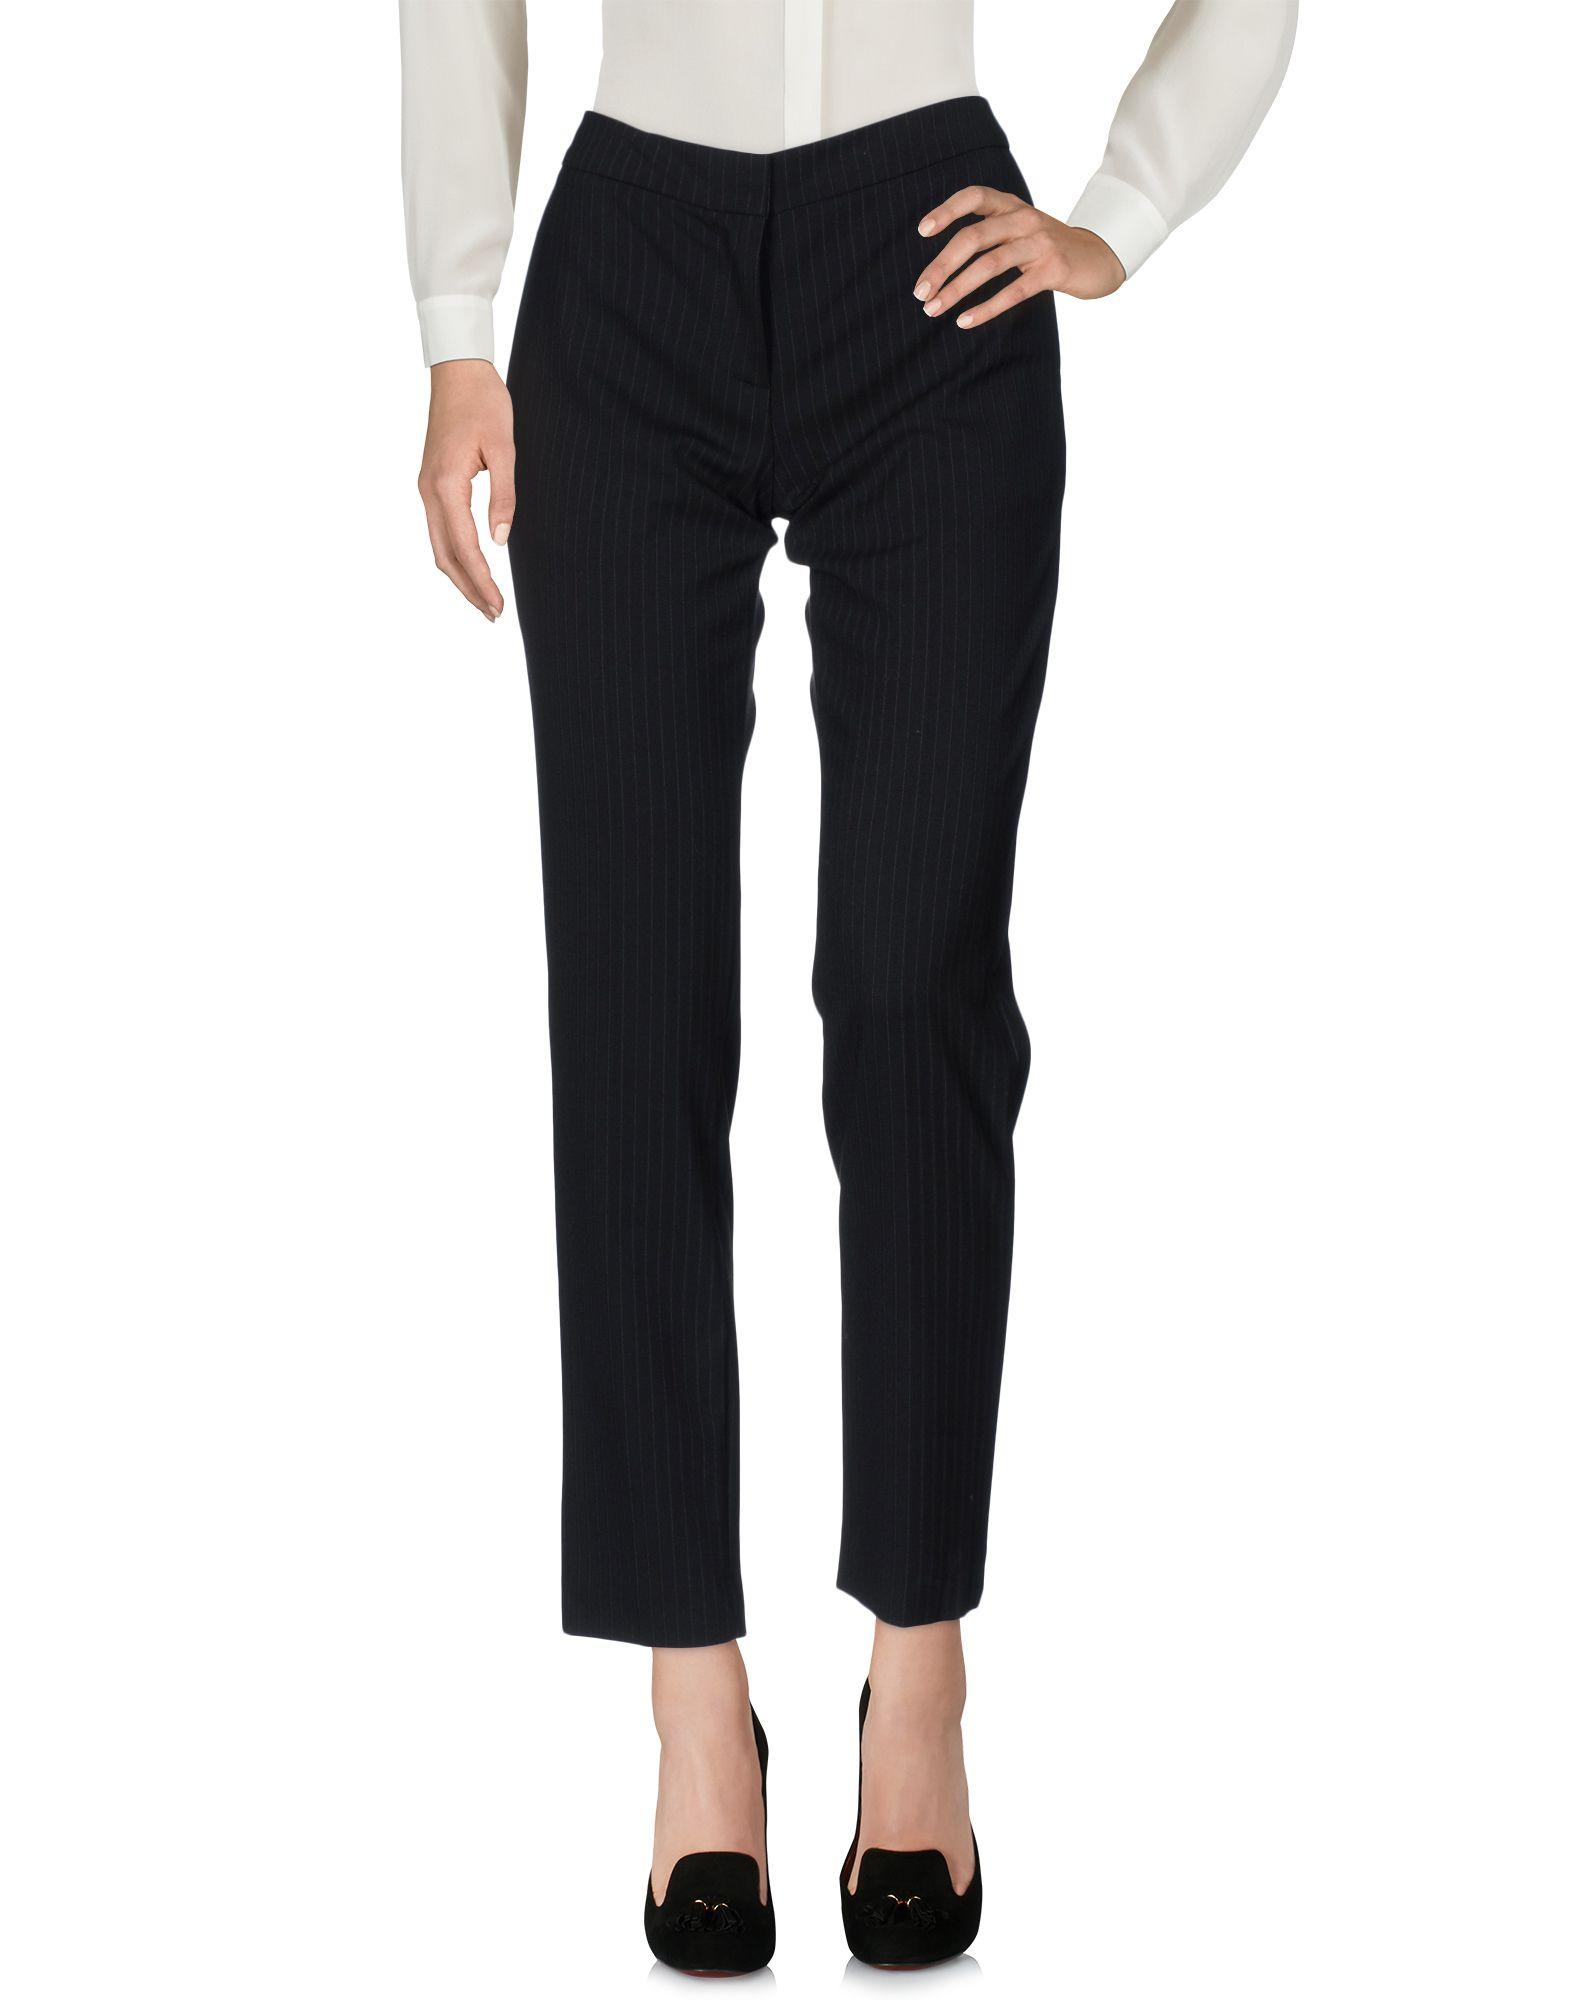 BLUE DEEP Damen Hose Farbe Schwarz Größe 5 jetztbilligerkaufen